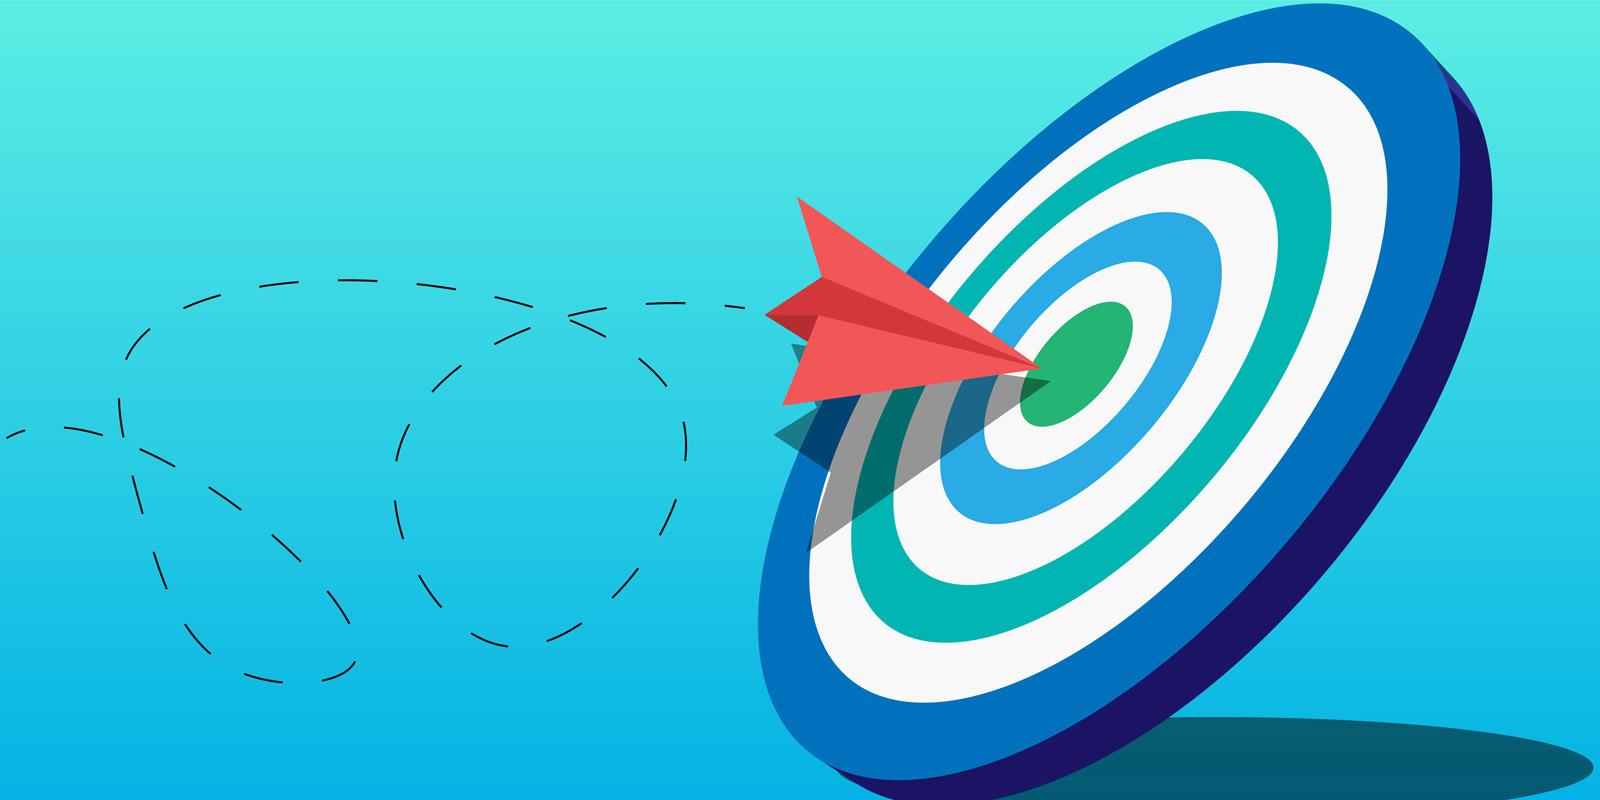 Obiettivi per piani di comunicazione: chi va piano va sano e va lontano